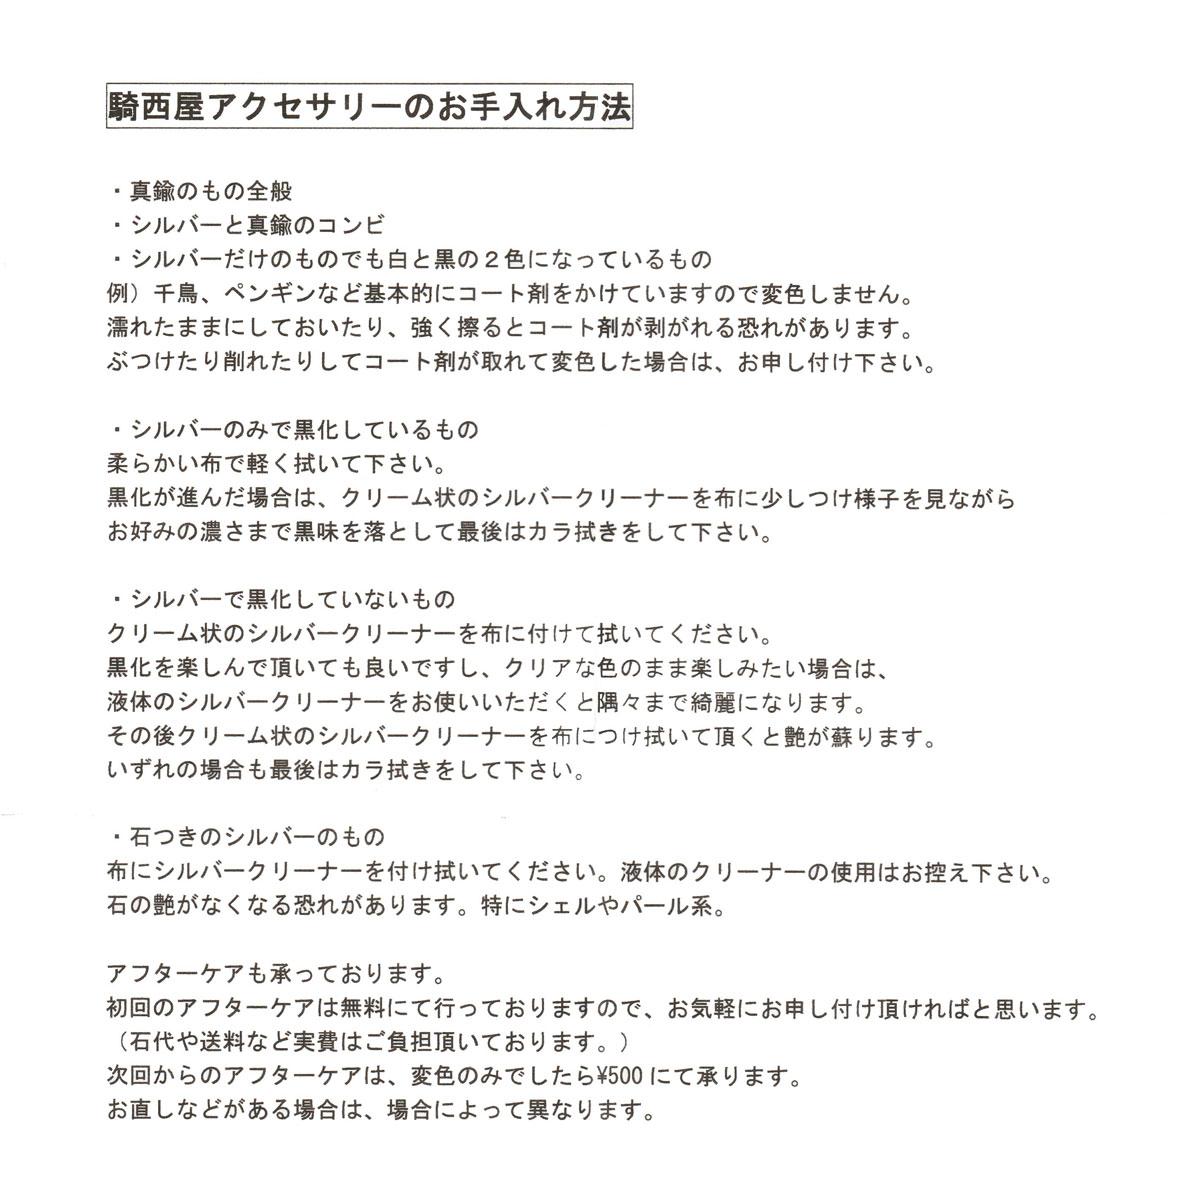 帯留 瑞雲と八咫烏【騎西屋/No.293/店頭在庫】